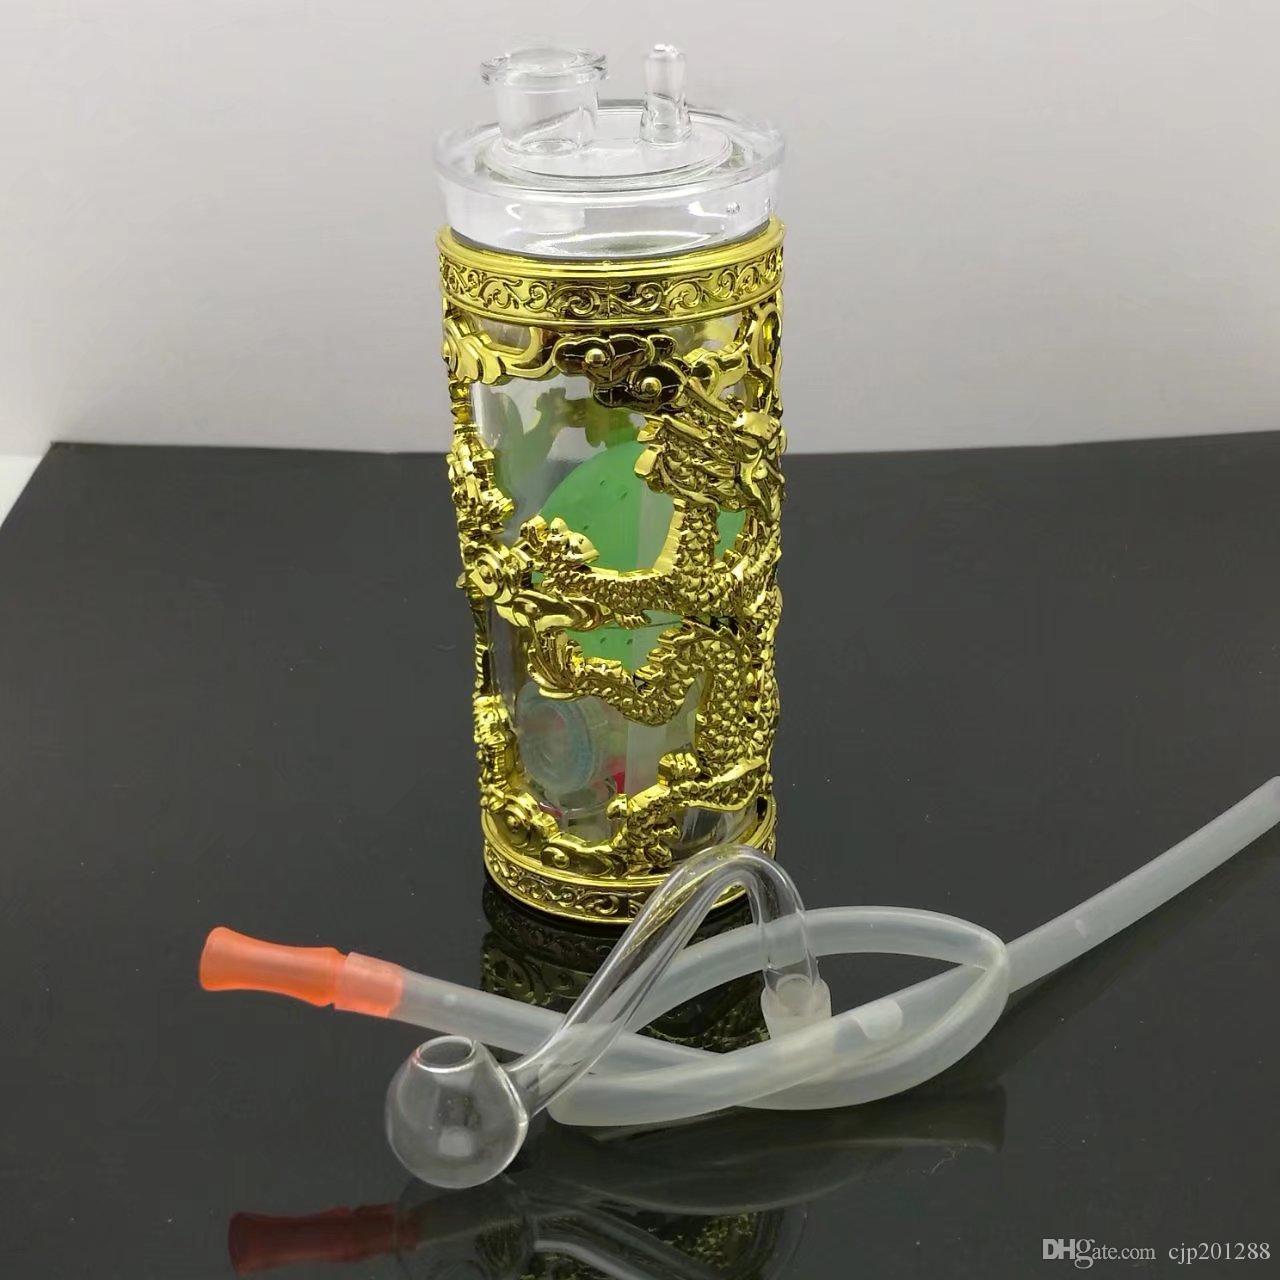 O novo acrílico com longa hookah grosso de vidro bongs Pipes queimador de óleo de água vidro Plataformas de petróleo para fumantes